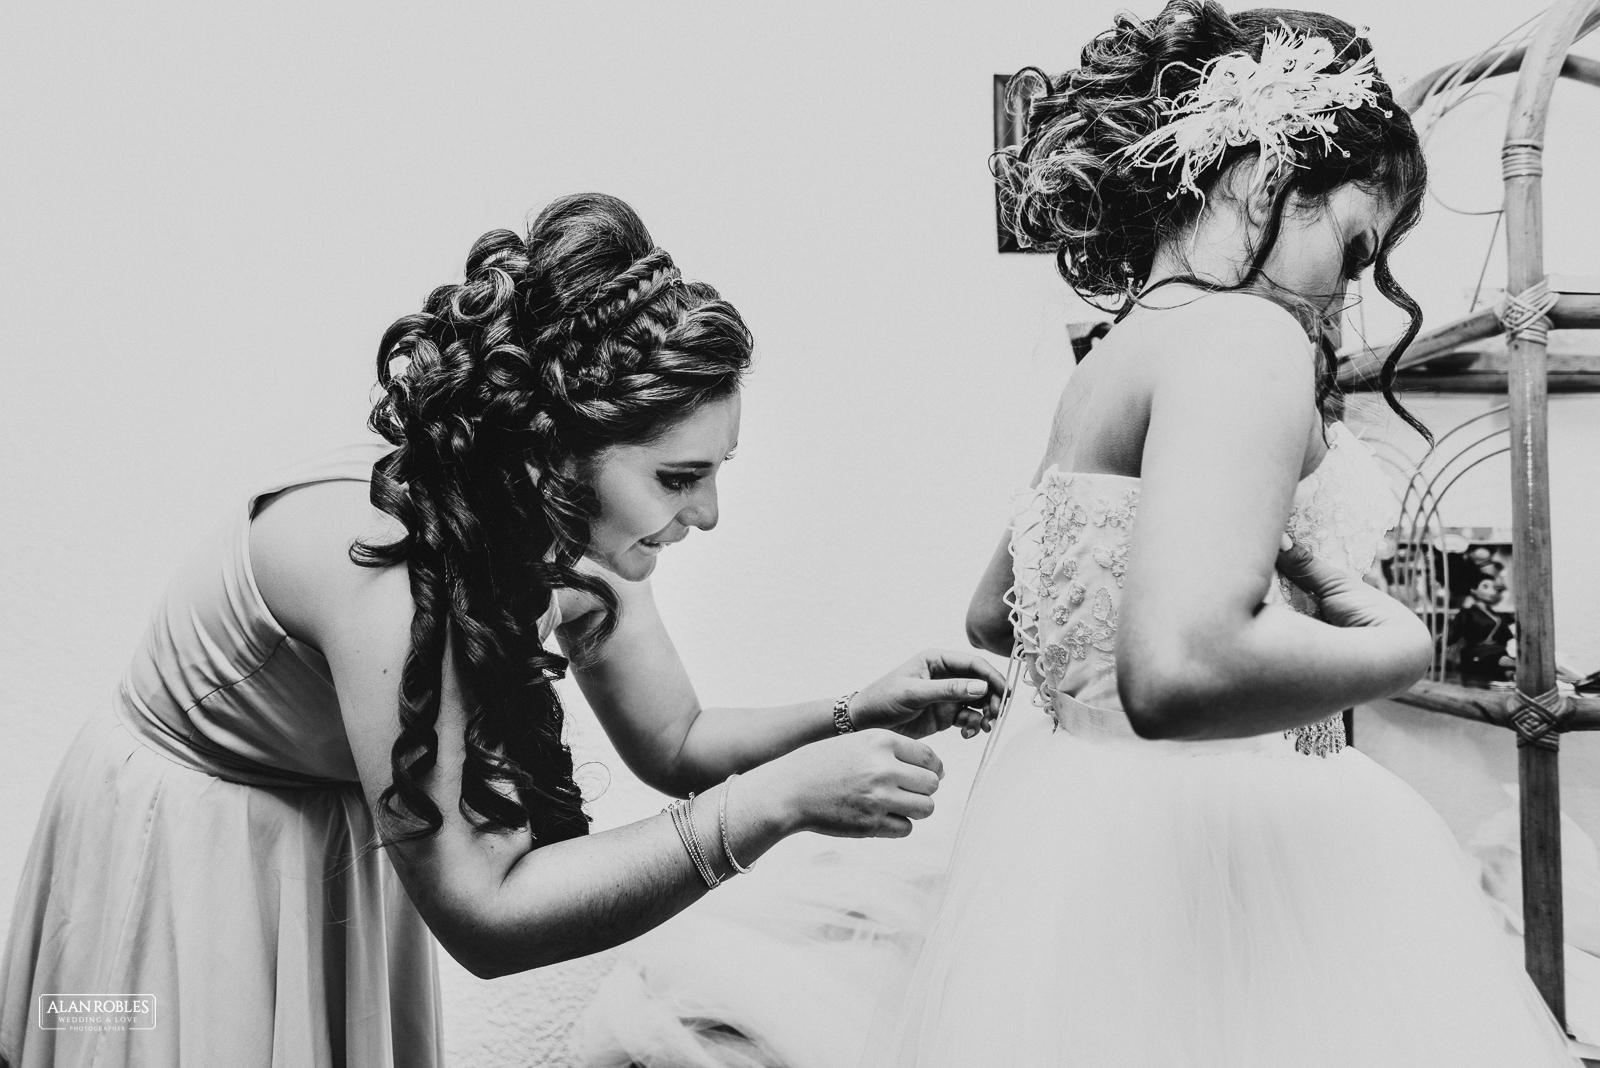 Fotografo de bodas Alan Robles-Michoacan-32